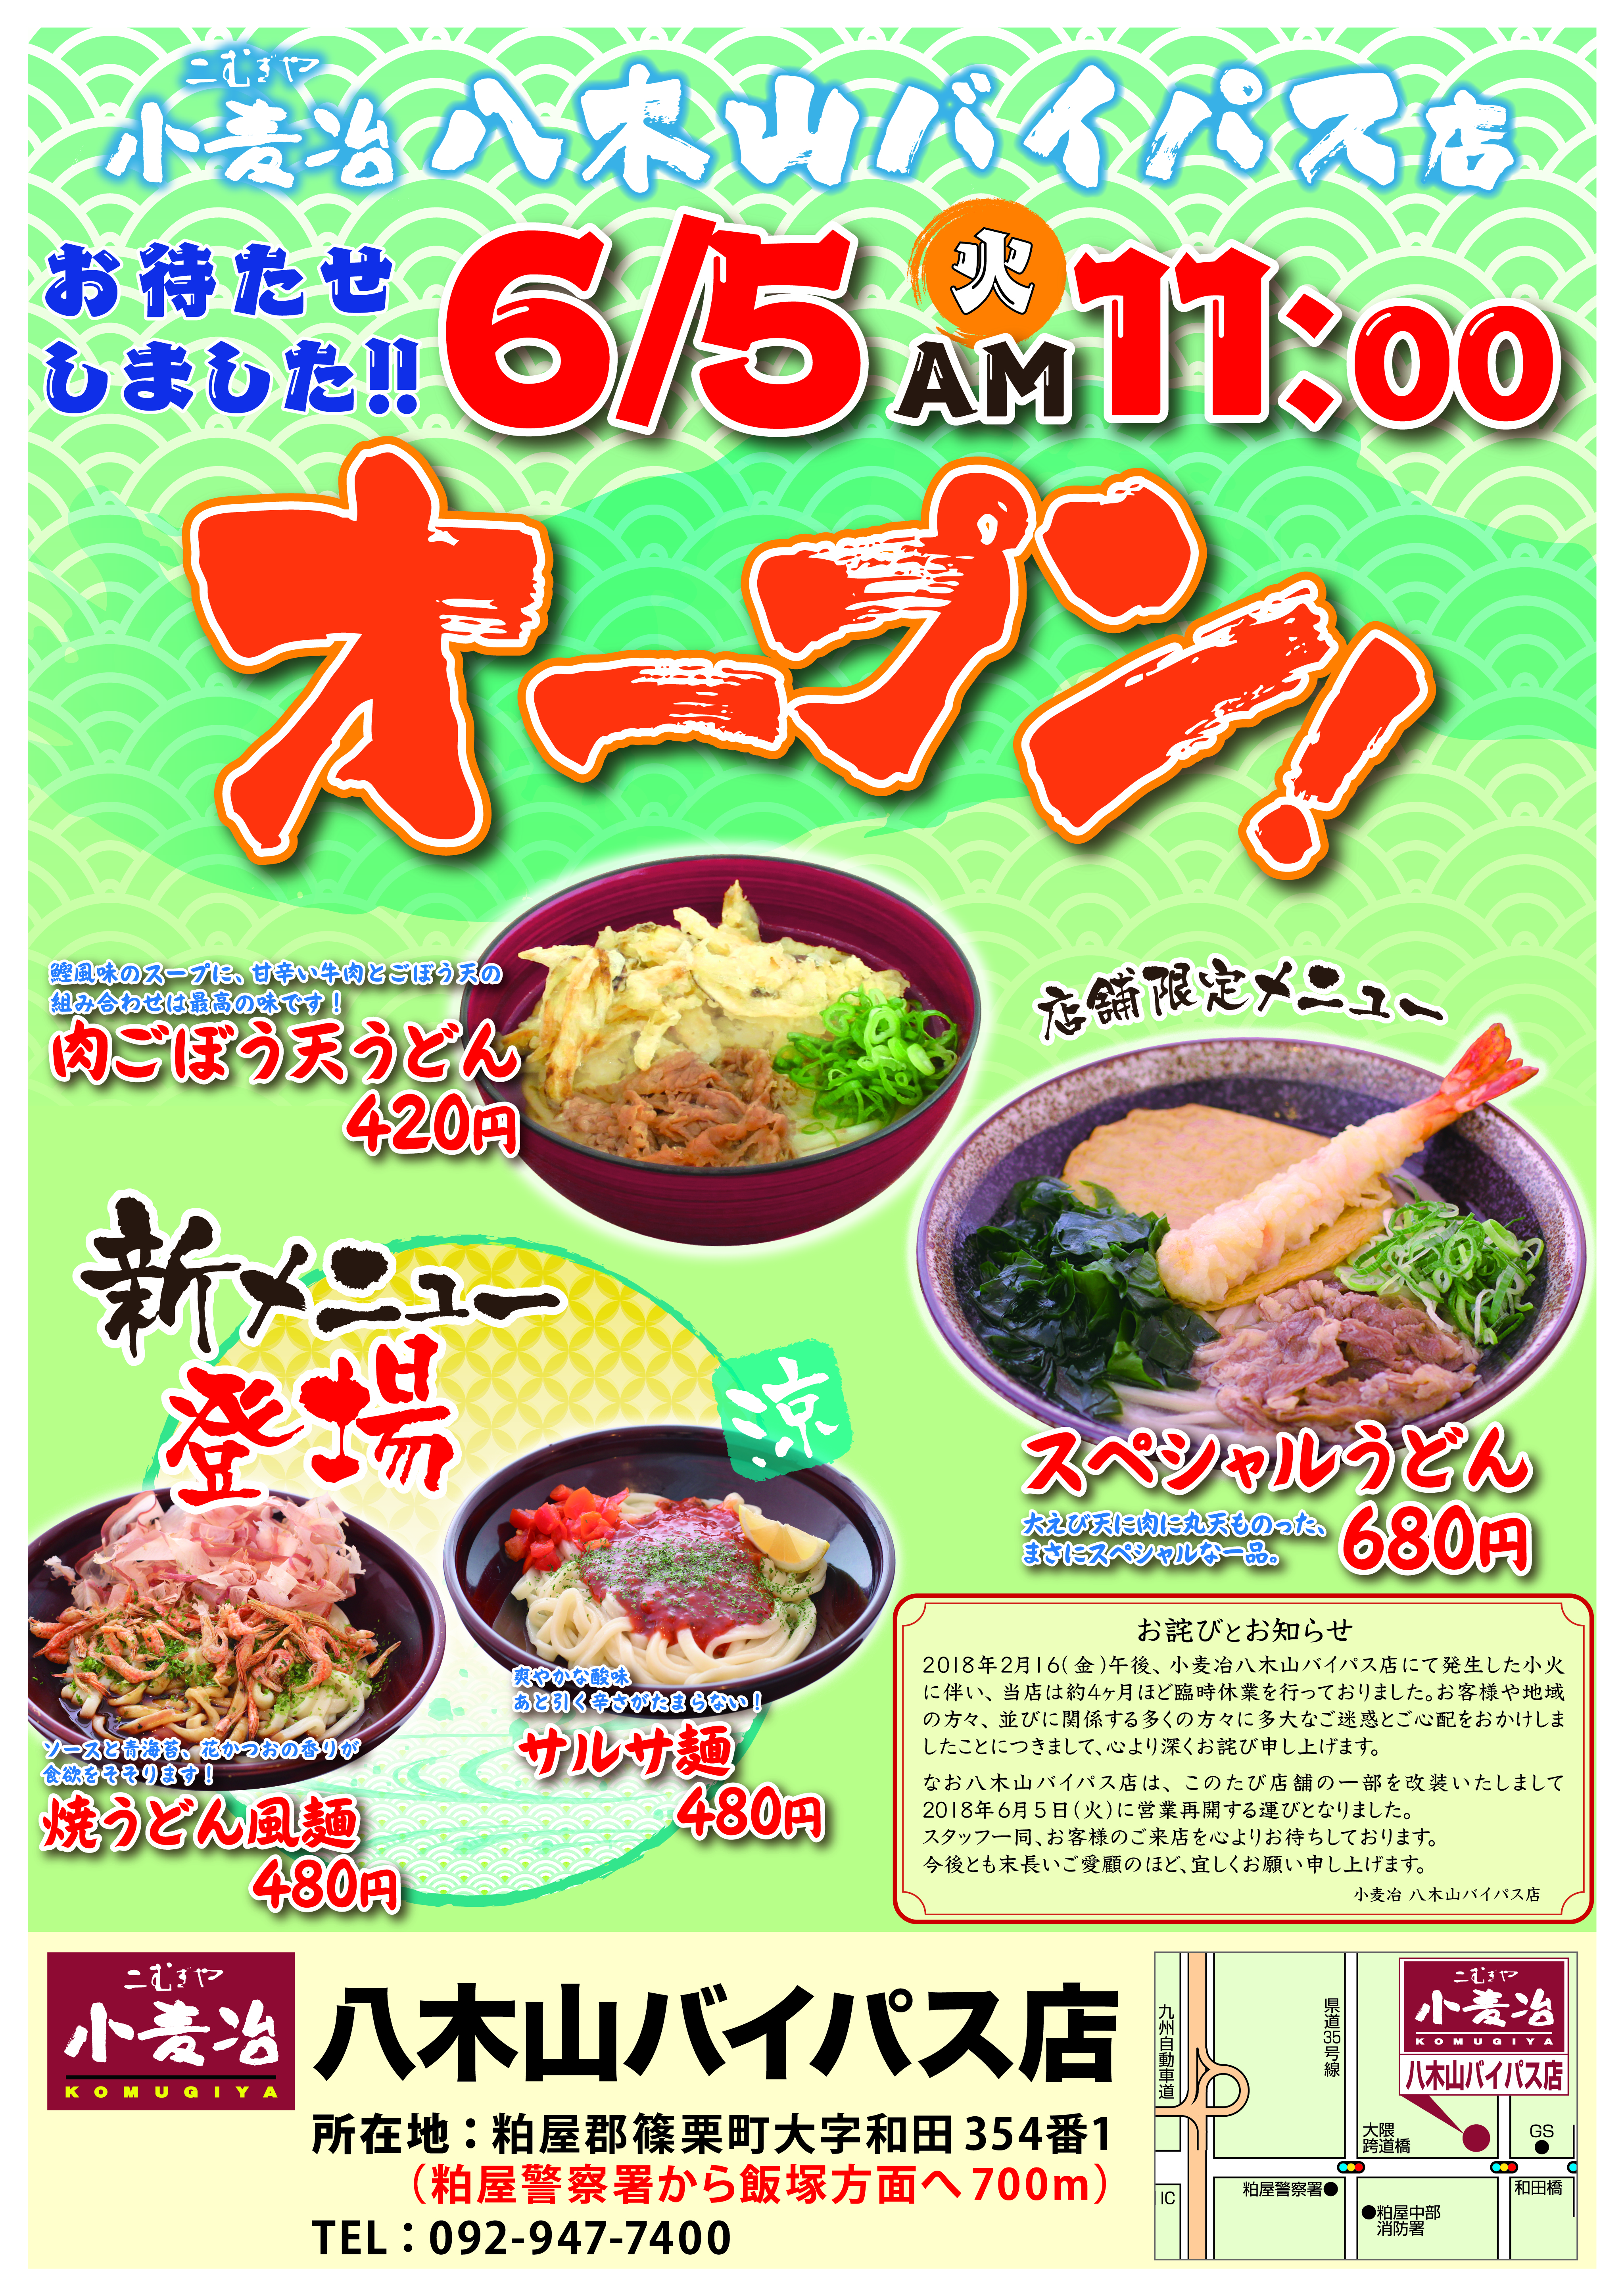 【6/5〜】八木山バイパス店営業再開のお知らせ [小麦冶]